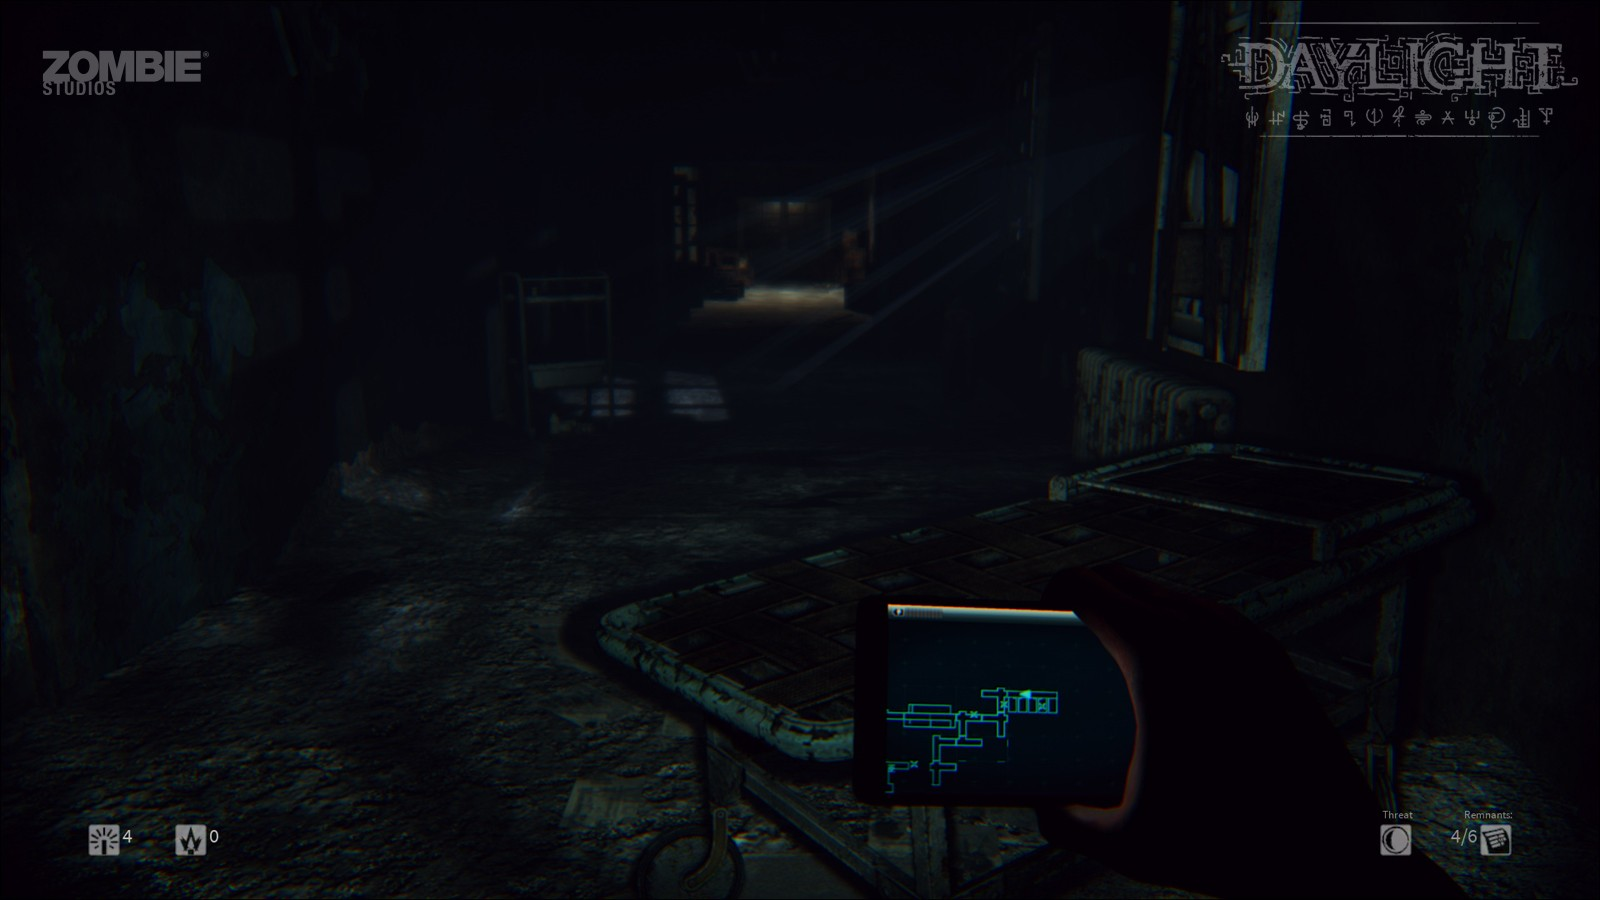 Daylight llegará a PS4 el día 8 de Abril 3h0i